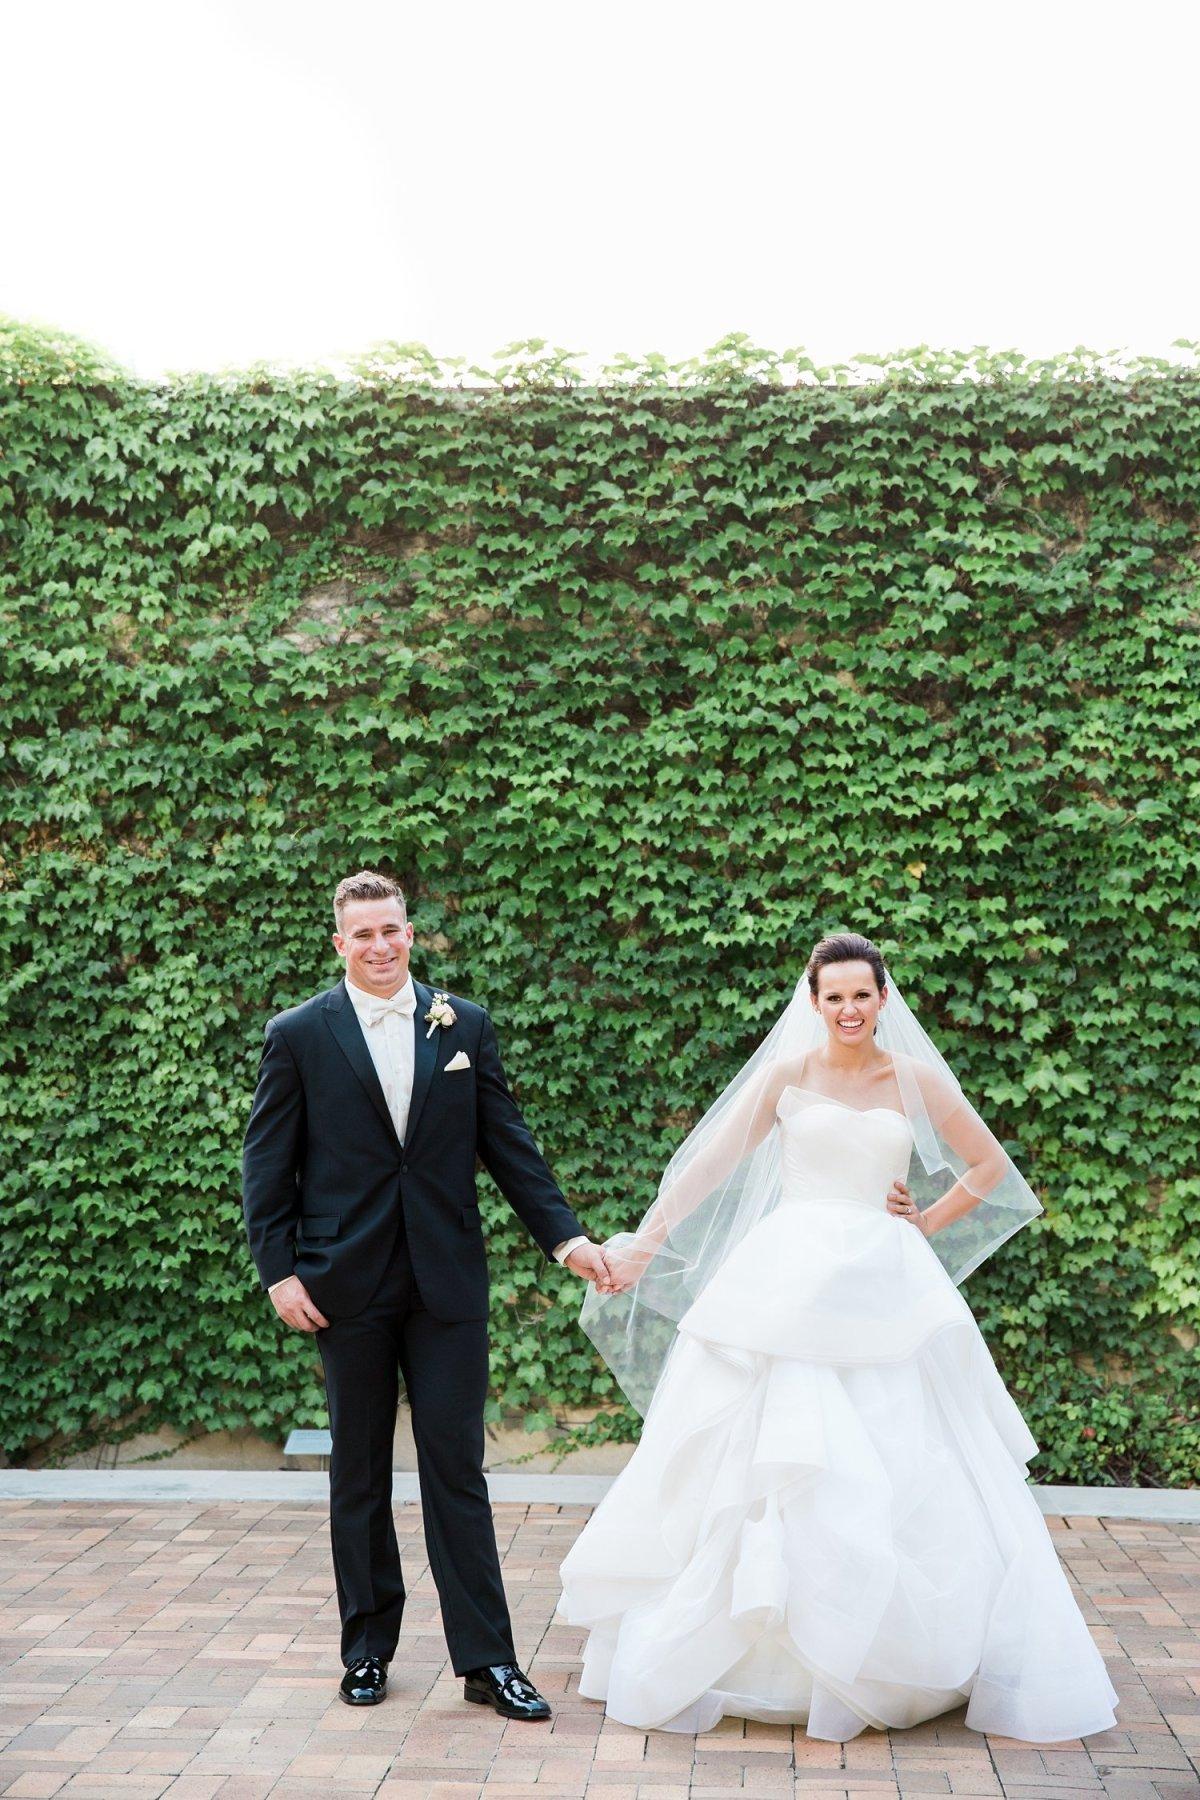 dma-dallas-wedding-photographer-kathryn-chris-01